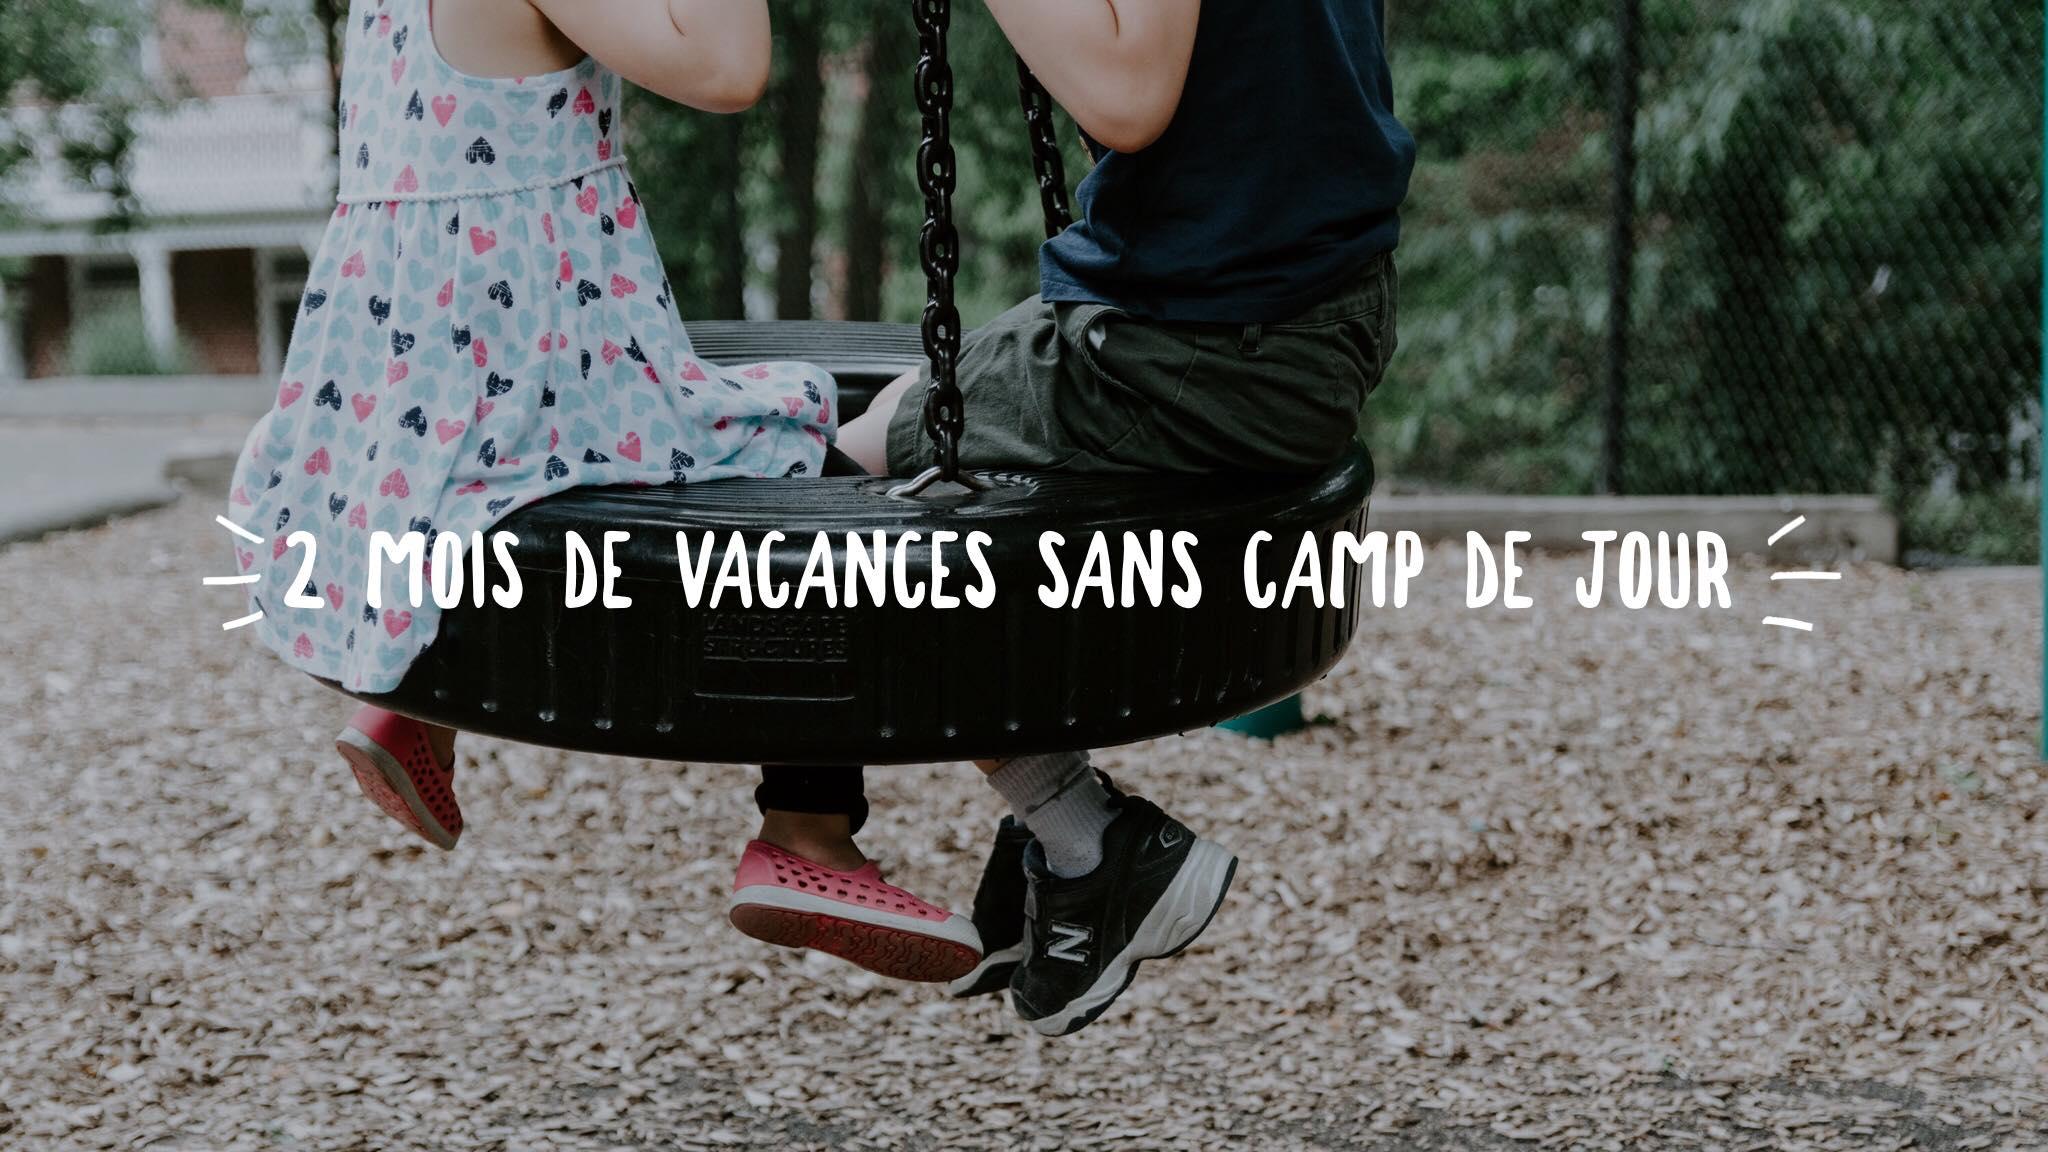 2 mois de vacances sans camps de jour